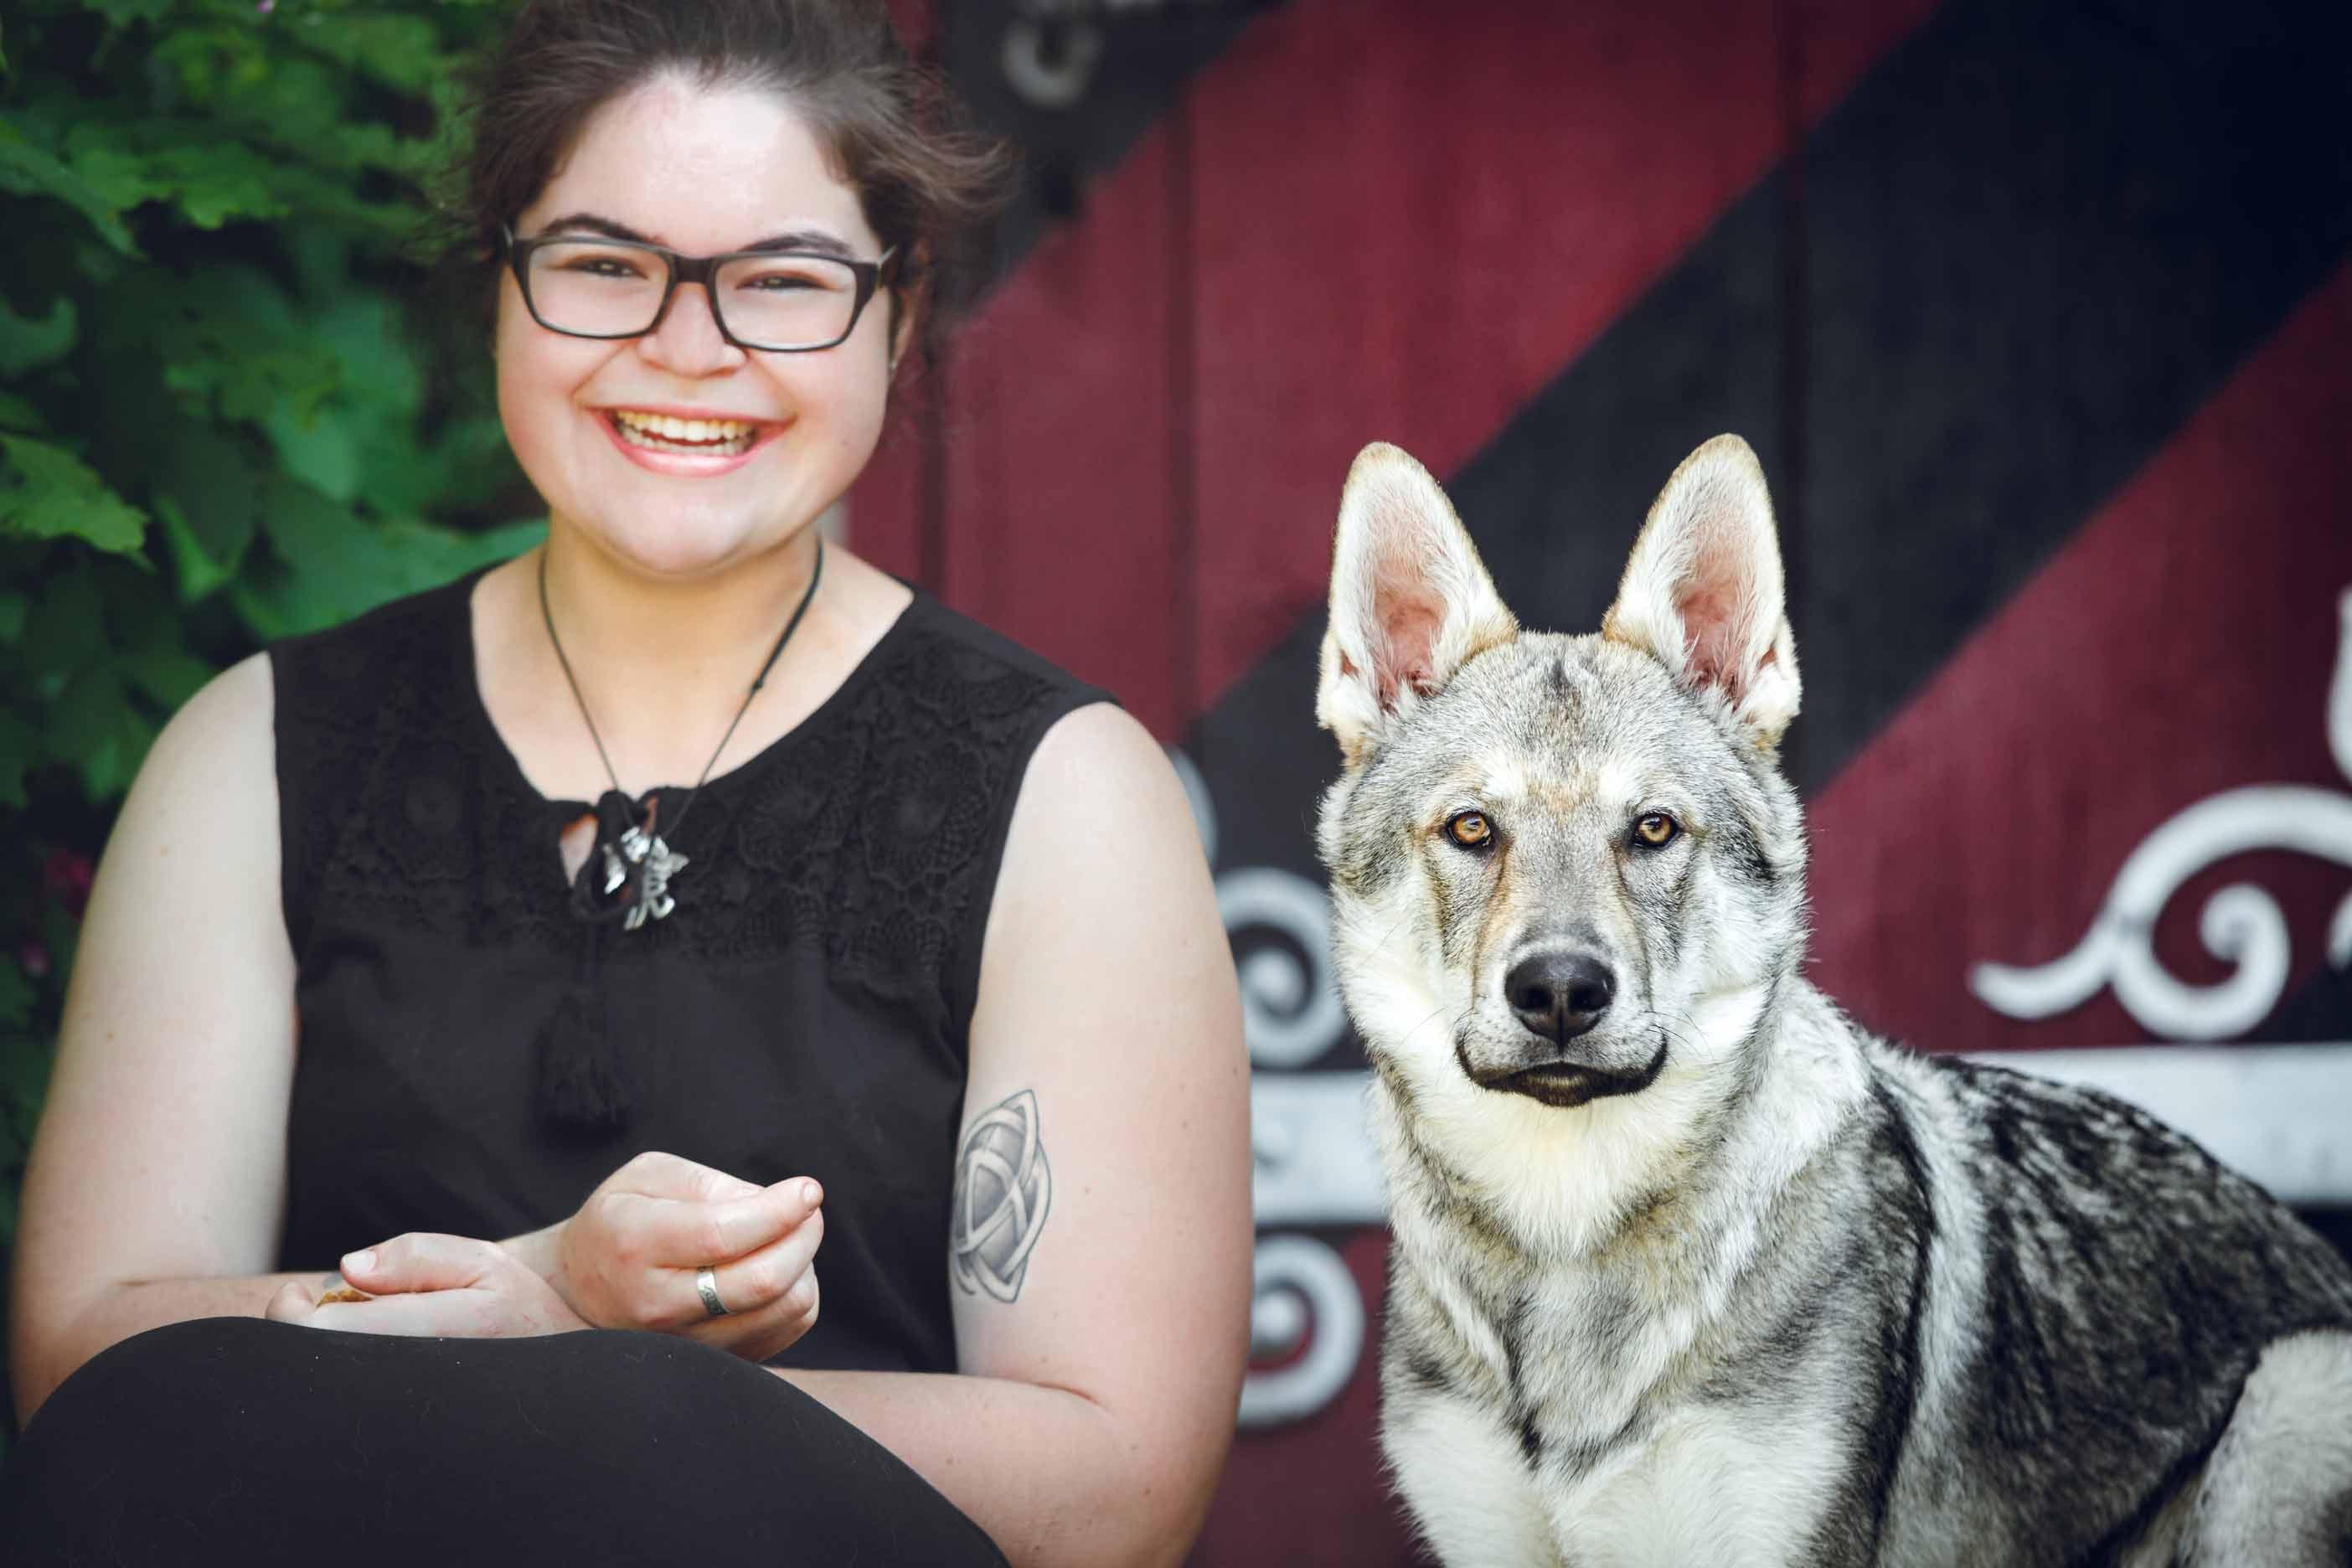 Hundefotografie mit Suko dem Tschechoslowakischen Wolfshund IMG 8209w